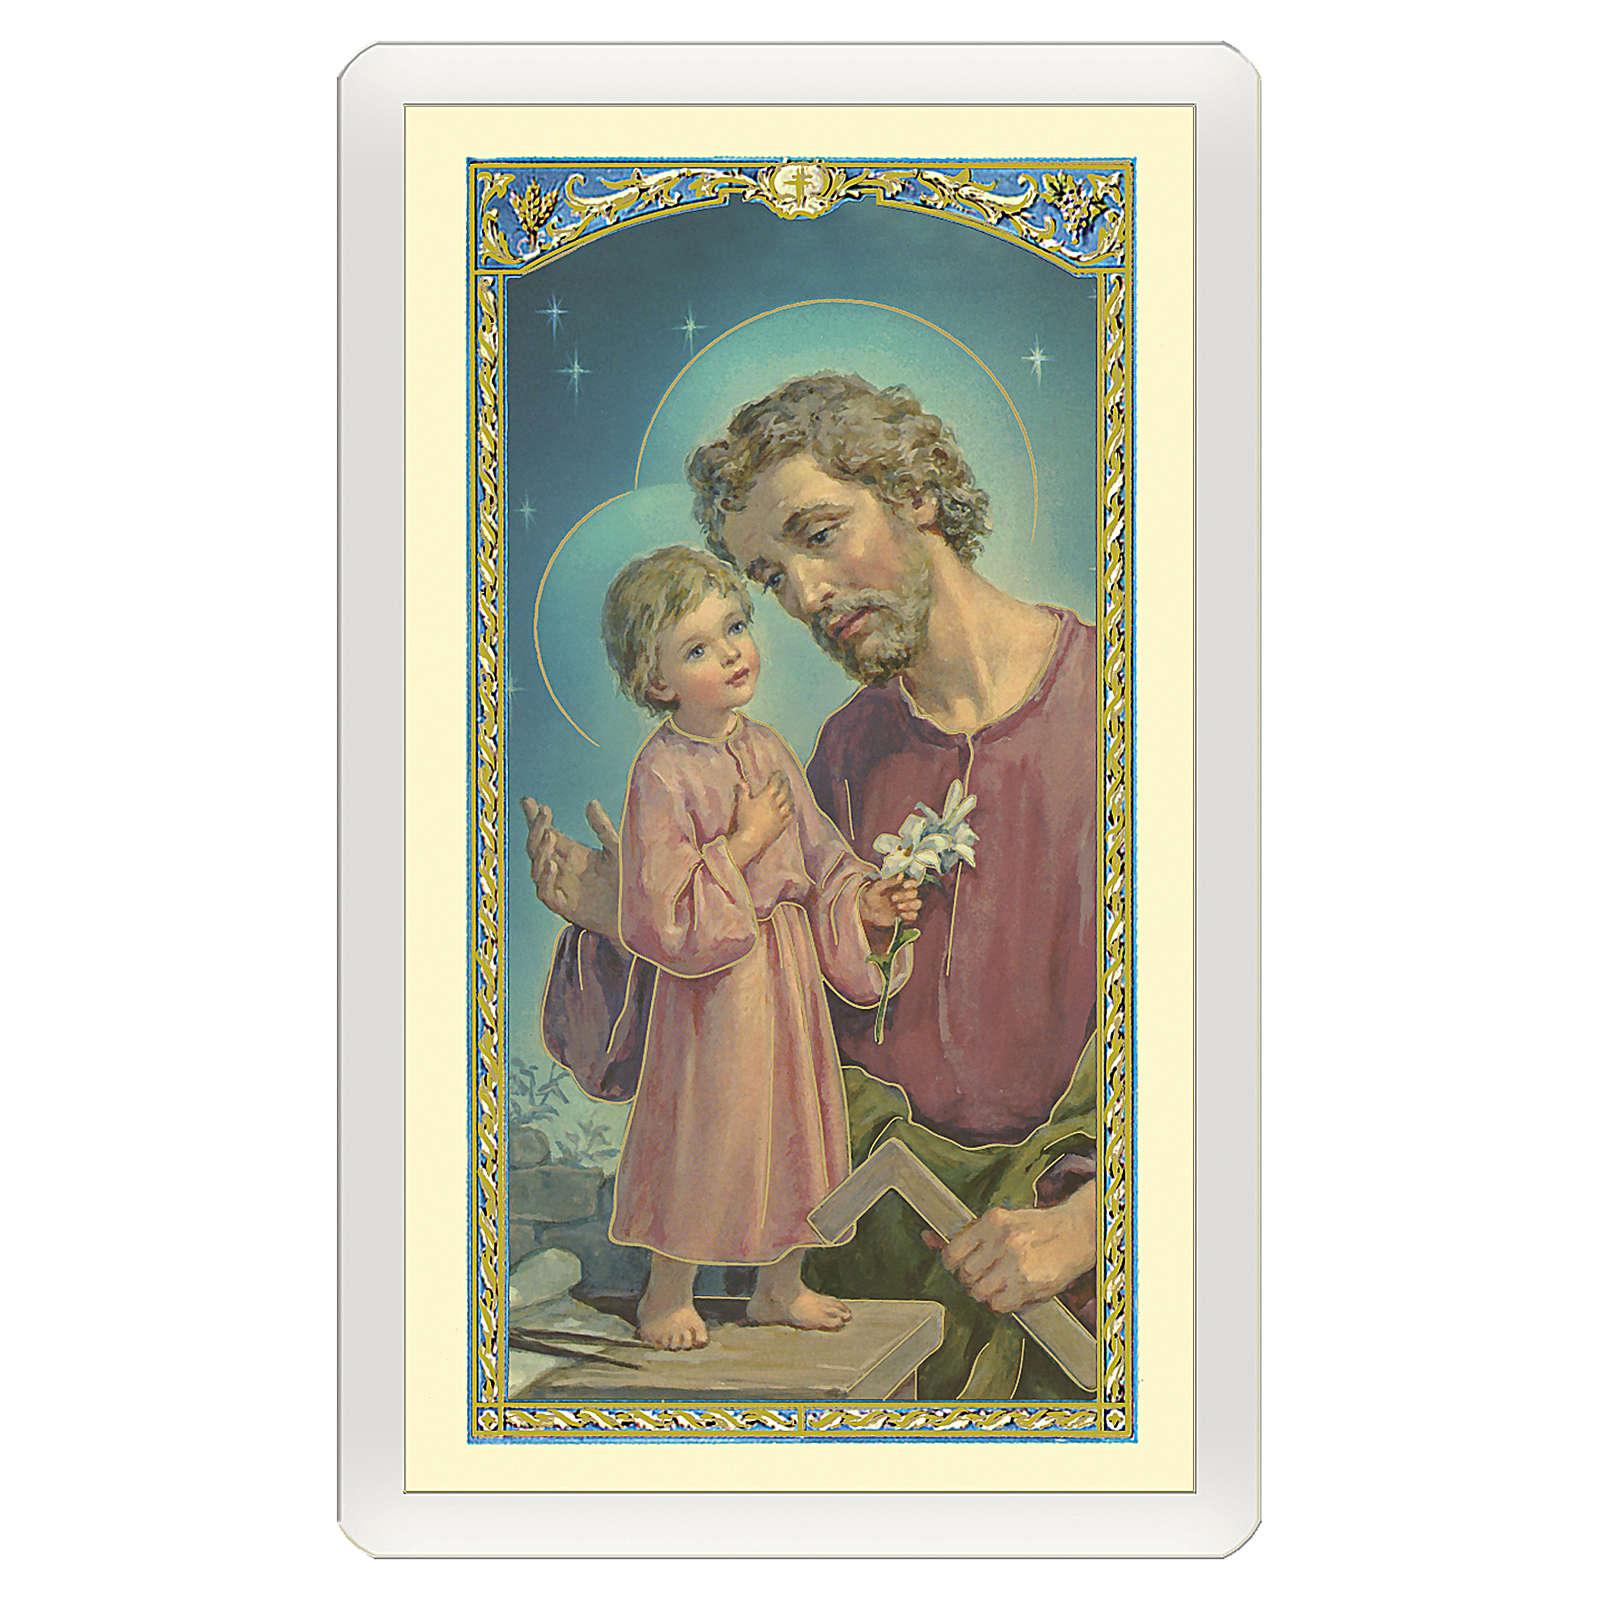 Obrazek Święty Józef Robotnik i Jezus na warsztacie pracy Modlitwa IT 10x5 4